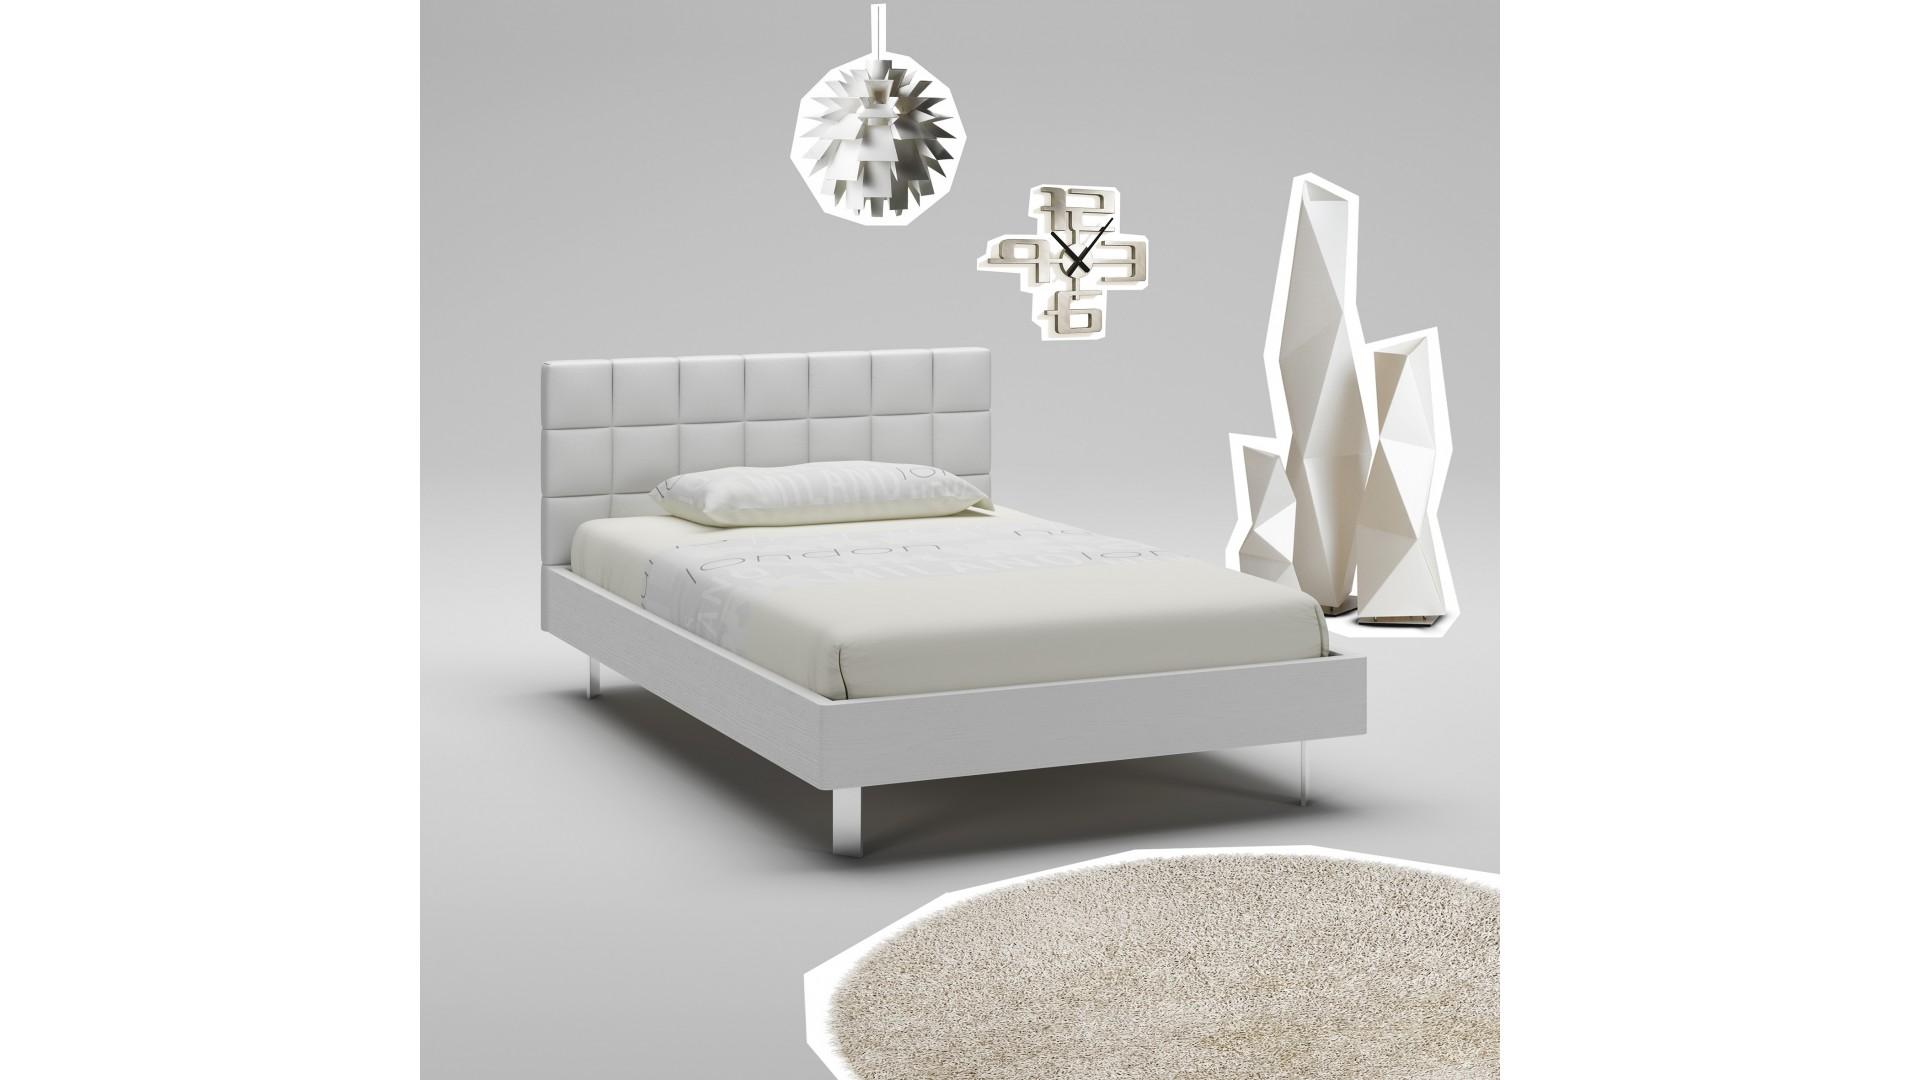 Lit Ado PERSONNALISABLE WL090 de 120 x 200 couleur blanc avec tête de lit rembourrée - MORETTI COMPACT